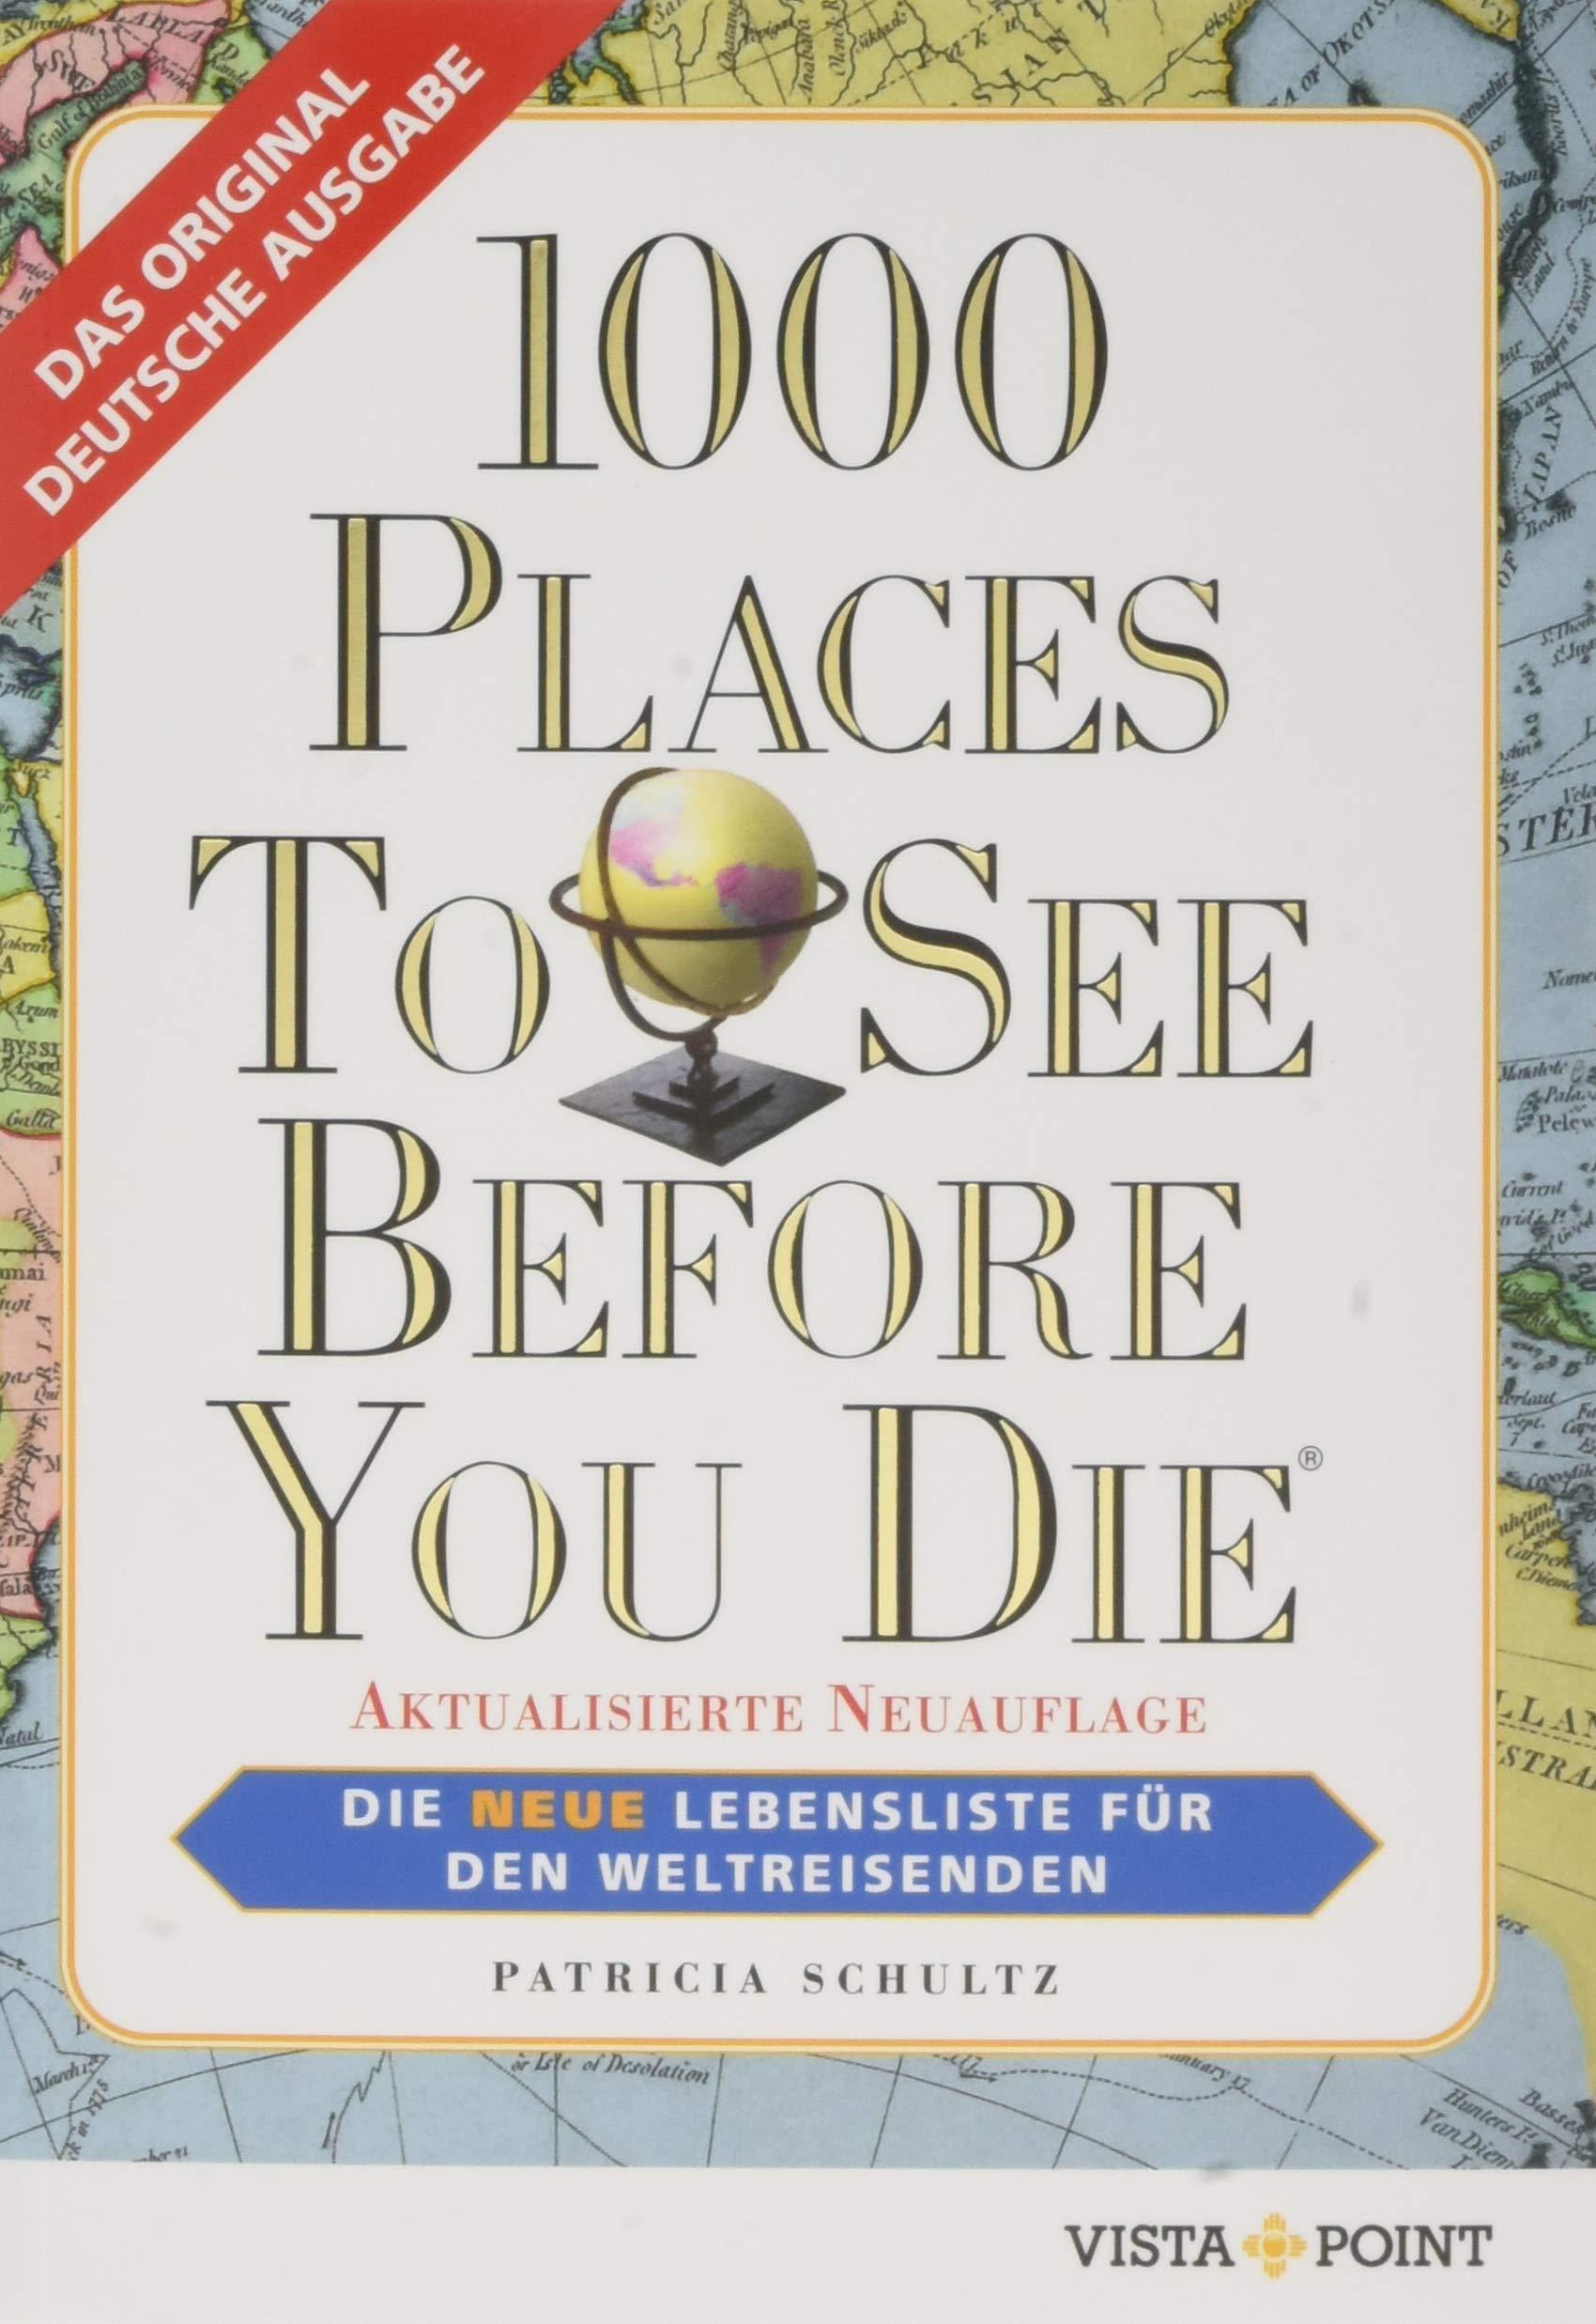 1000 Places To See Before You Die: Die neue Lebensliste für den Weltreisenden